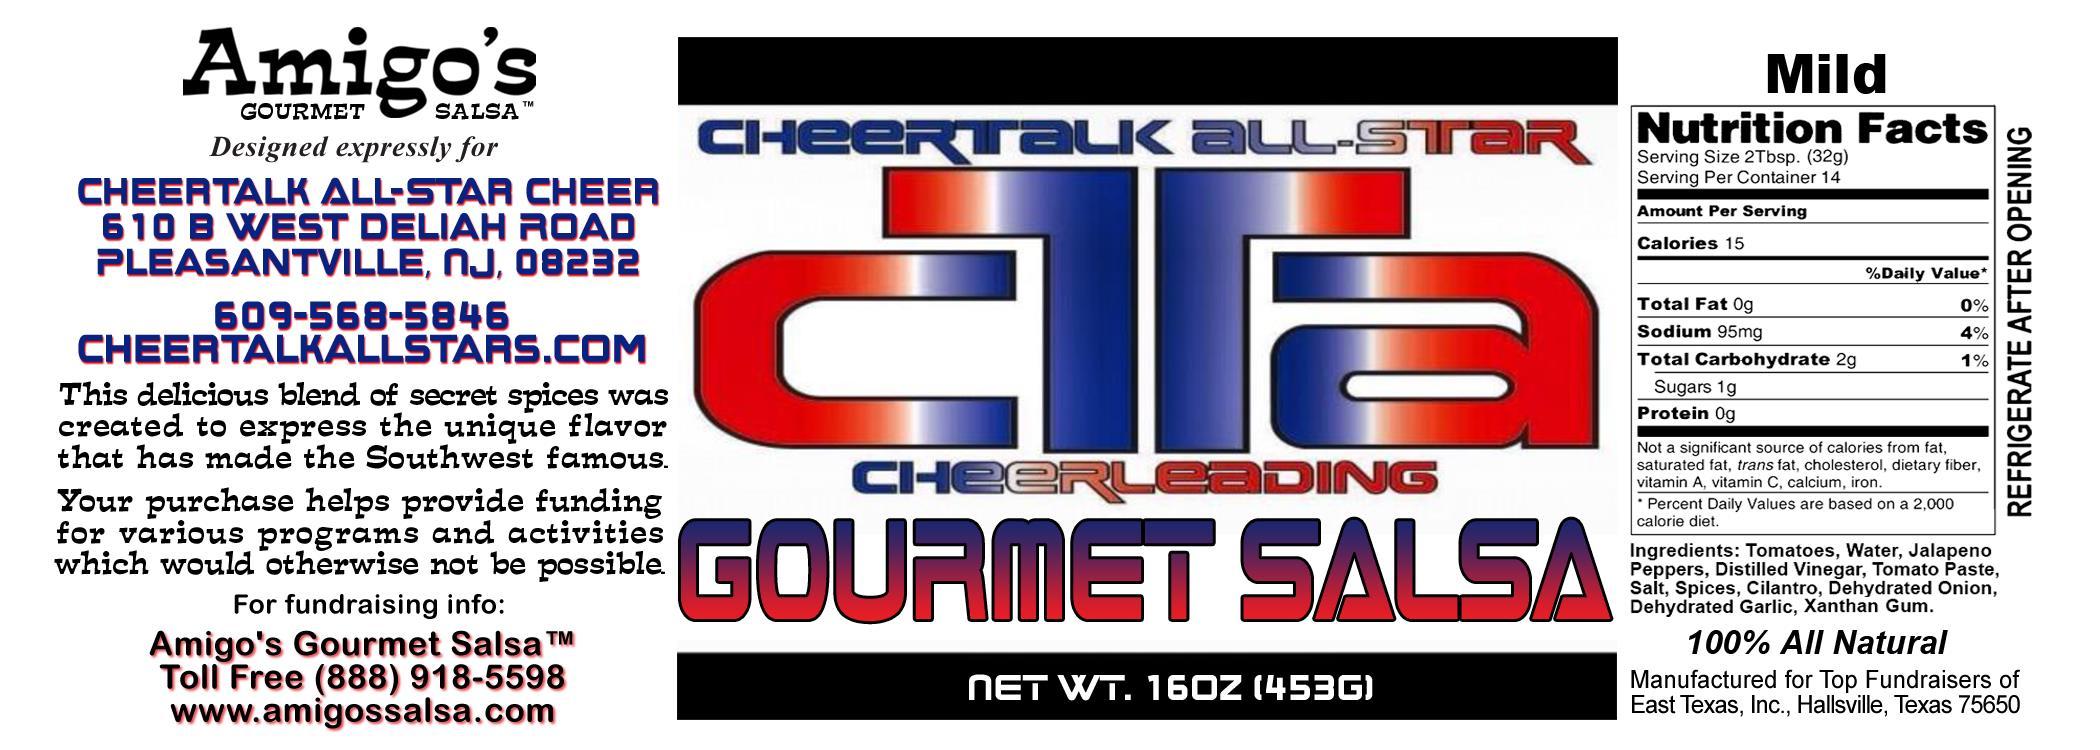 Cheer Talk All Star Cheer MILD.jpg